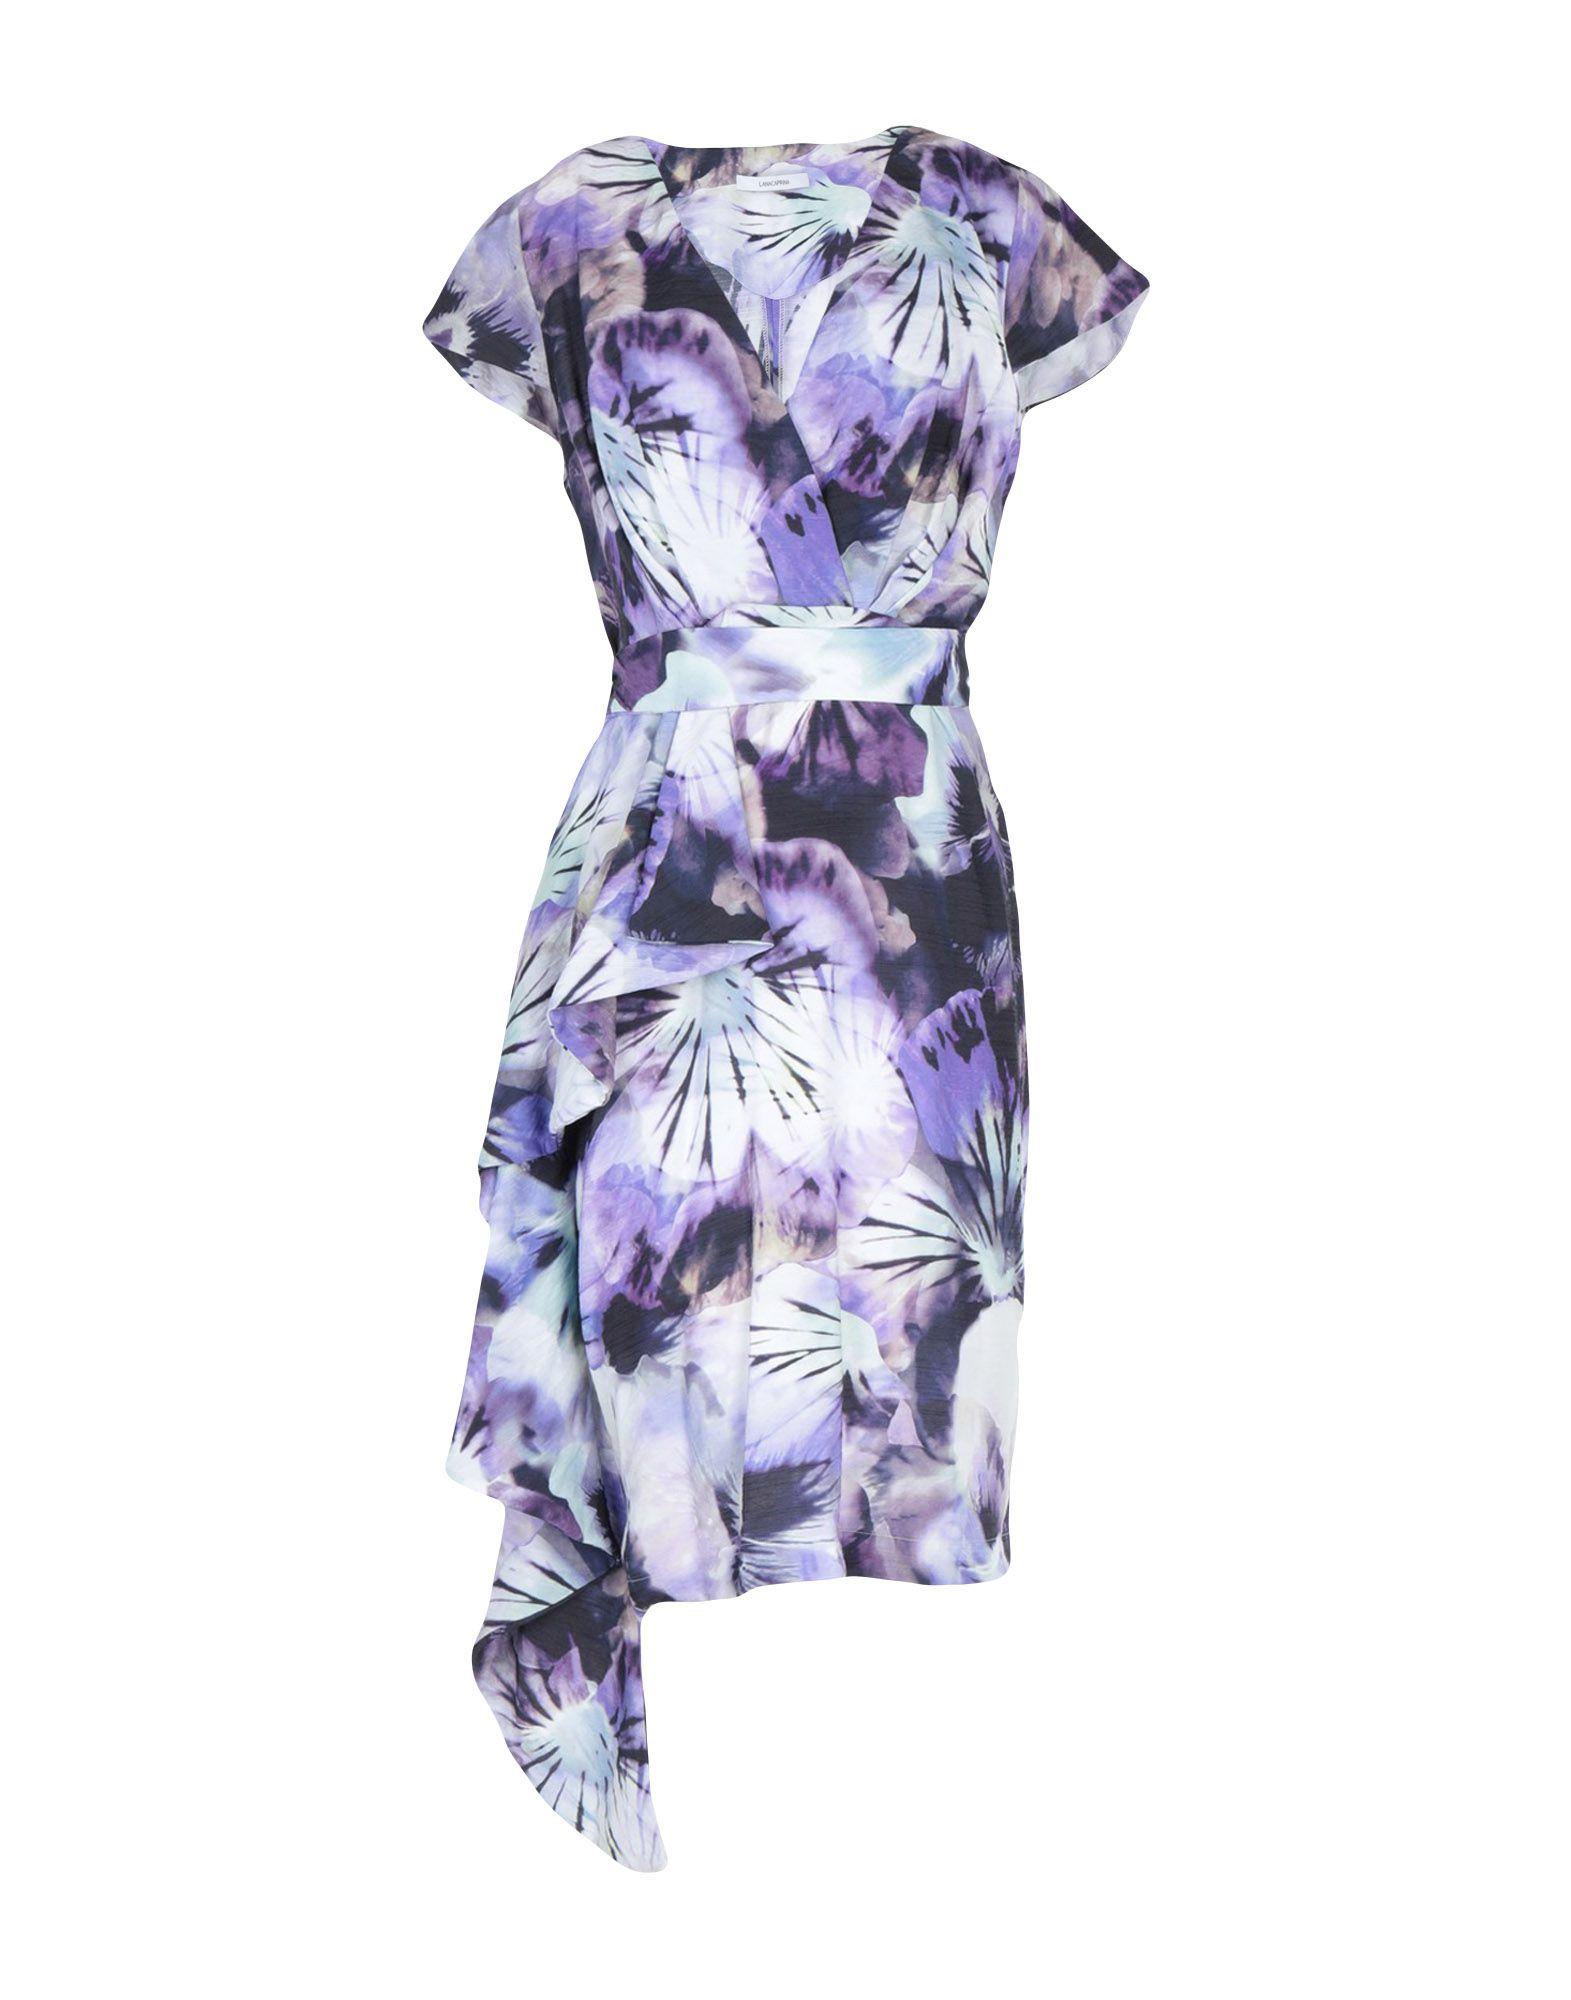 Фото - LANACAPRINA Платье длиной 3/4 lanacaprina юбка длиной 3 4